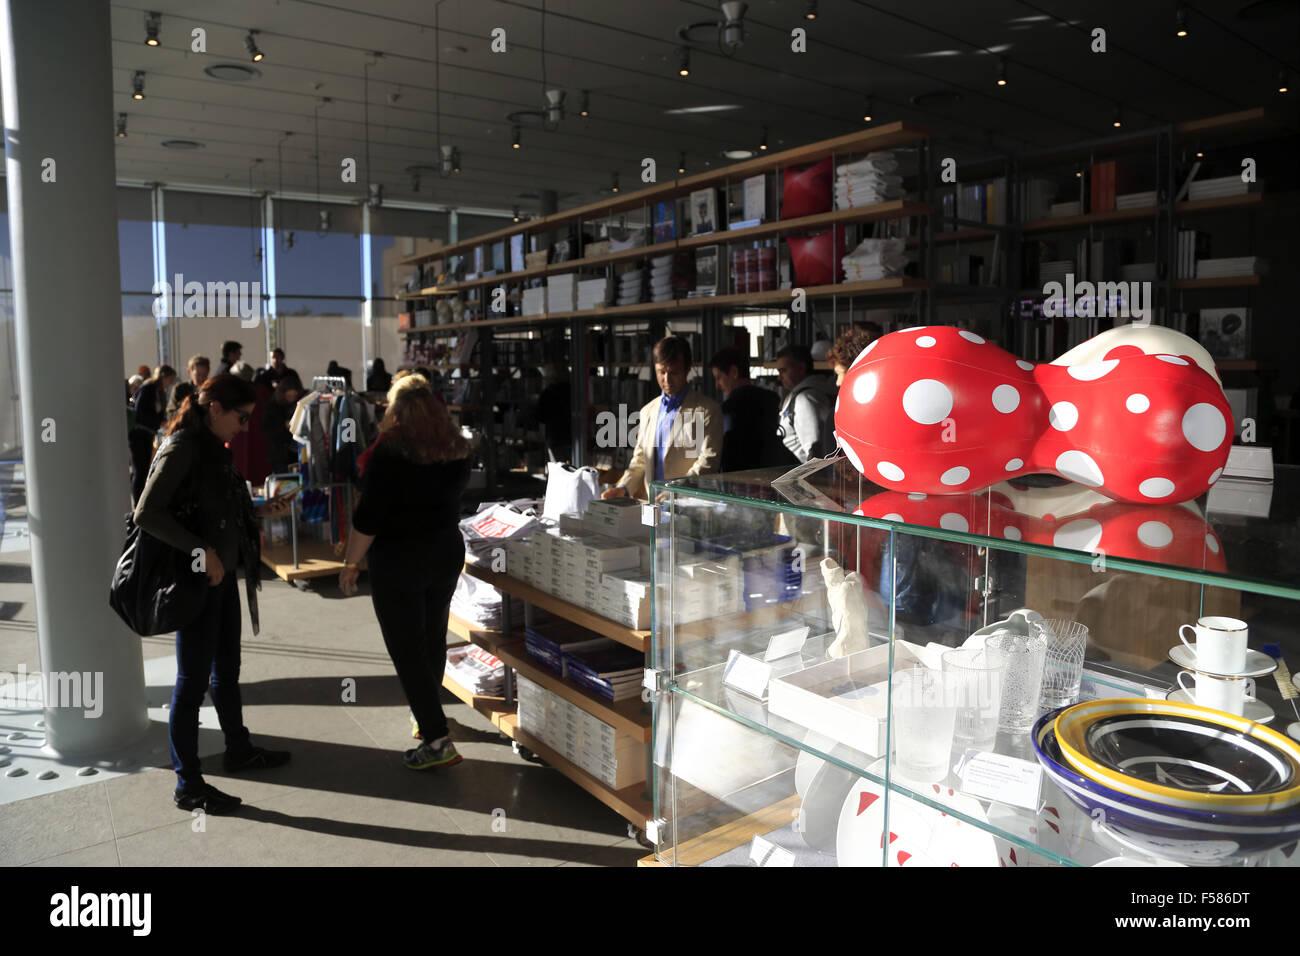 Museum Of Modern Art Gift Shop Stock Photos   Museum Of Modern Art ... f98e7ce5d083